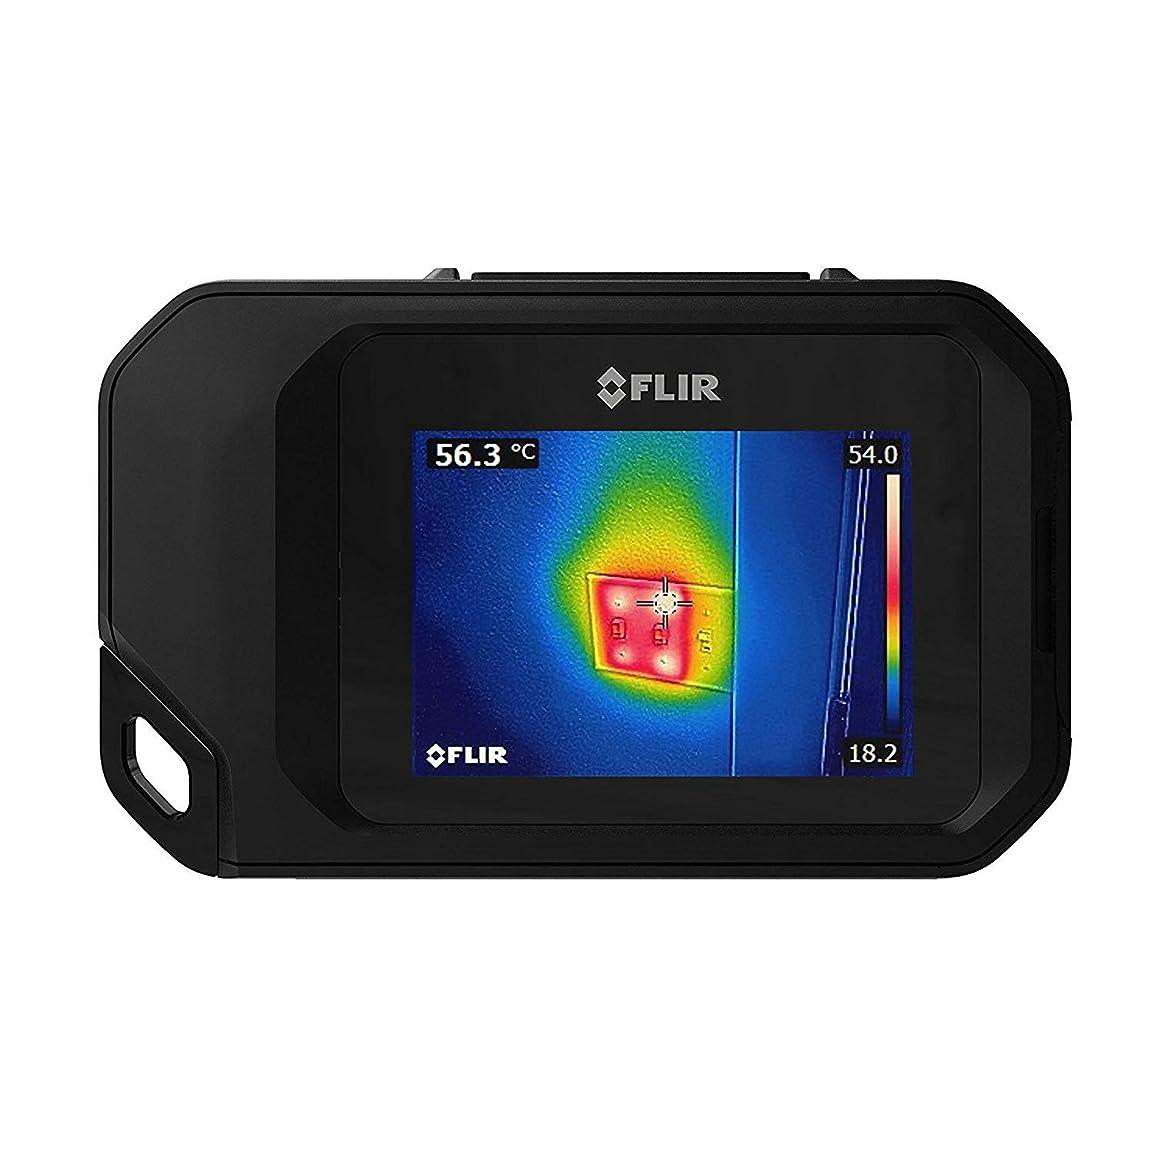 ホップ盲目永遠のFLIR(フリアー) iPhone/iPad用 FLIR C3 コンパクトサーモグラフィ Wi-Fi [並行輸入品]